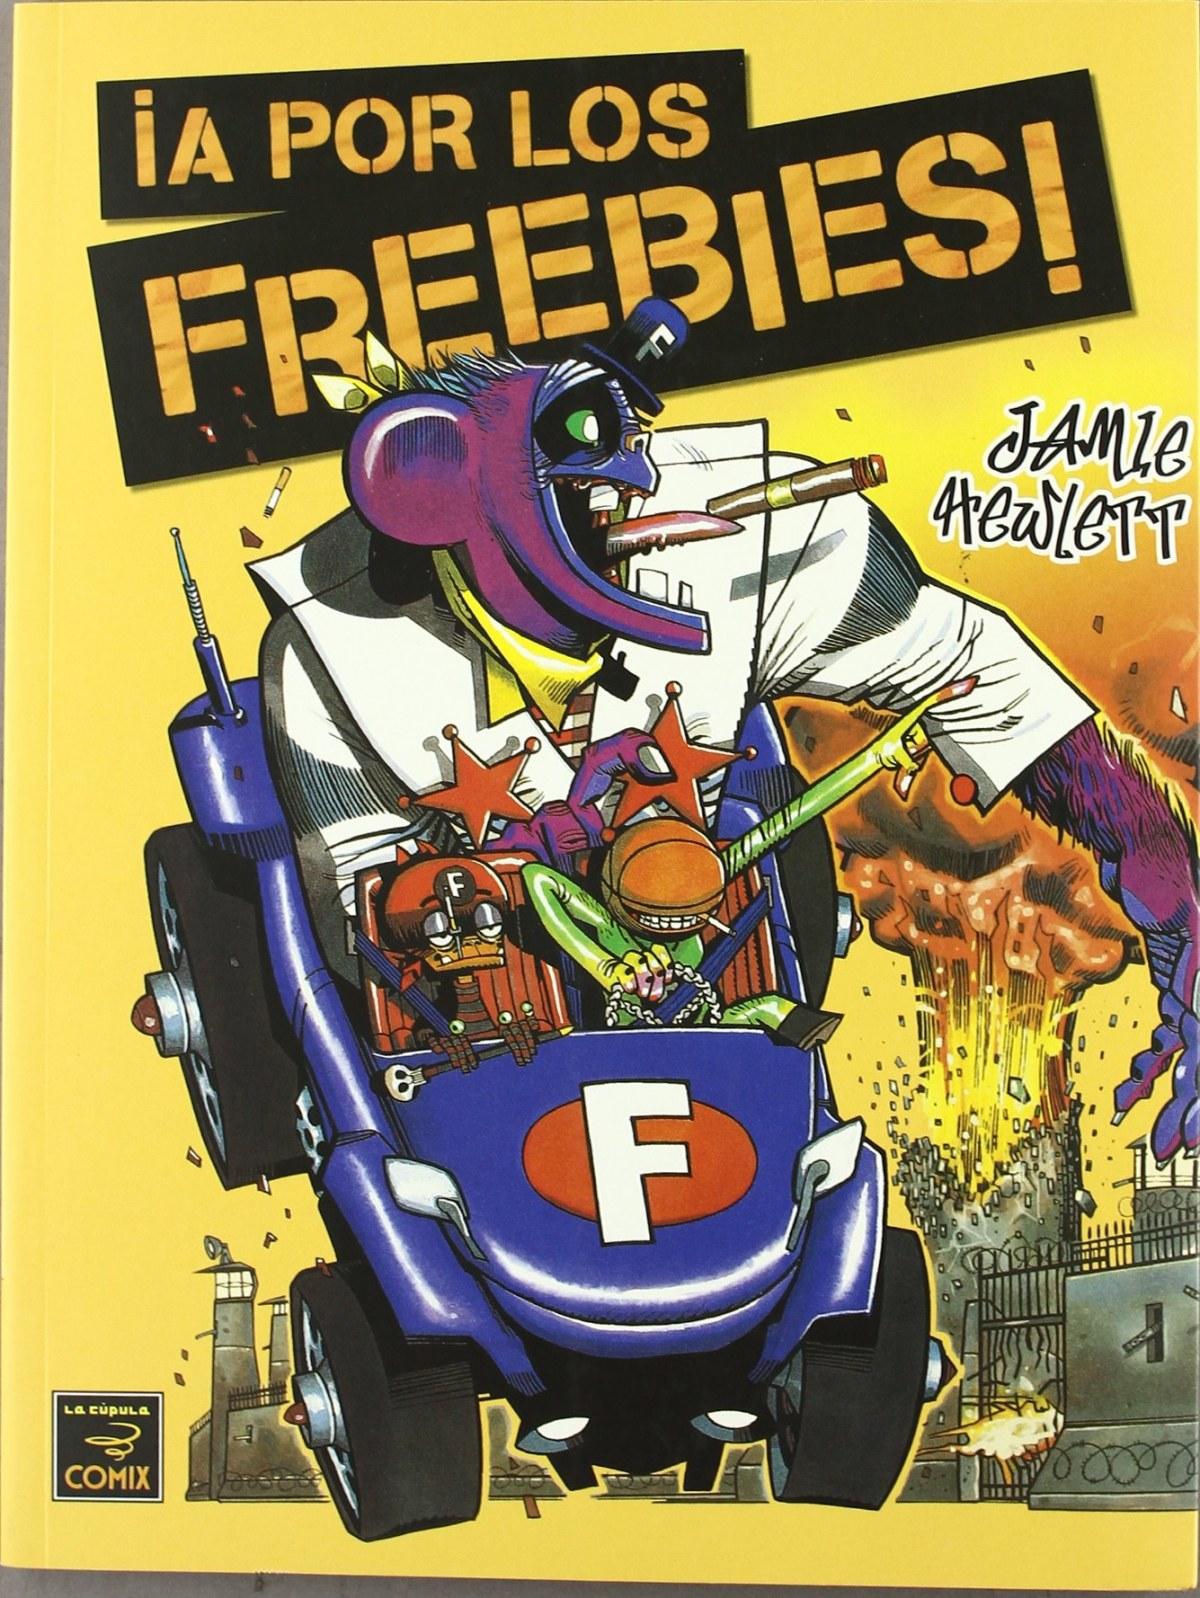 A por los Freebies